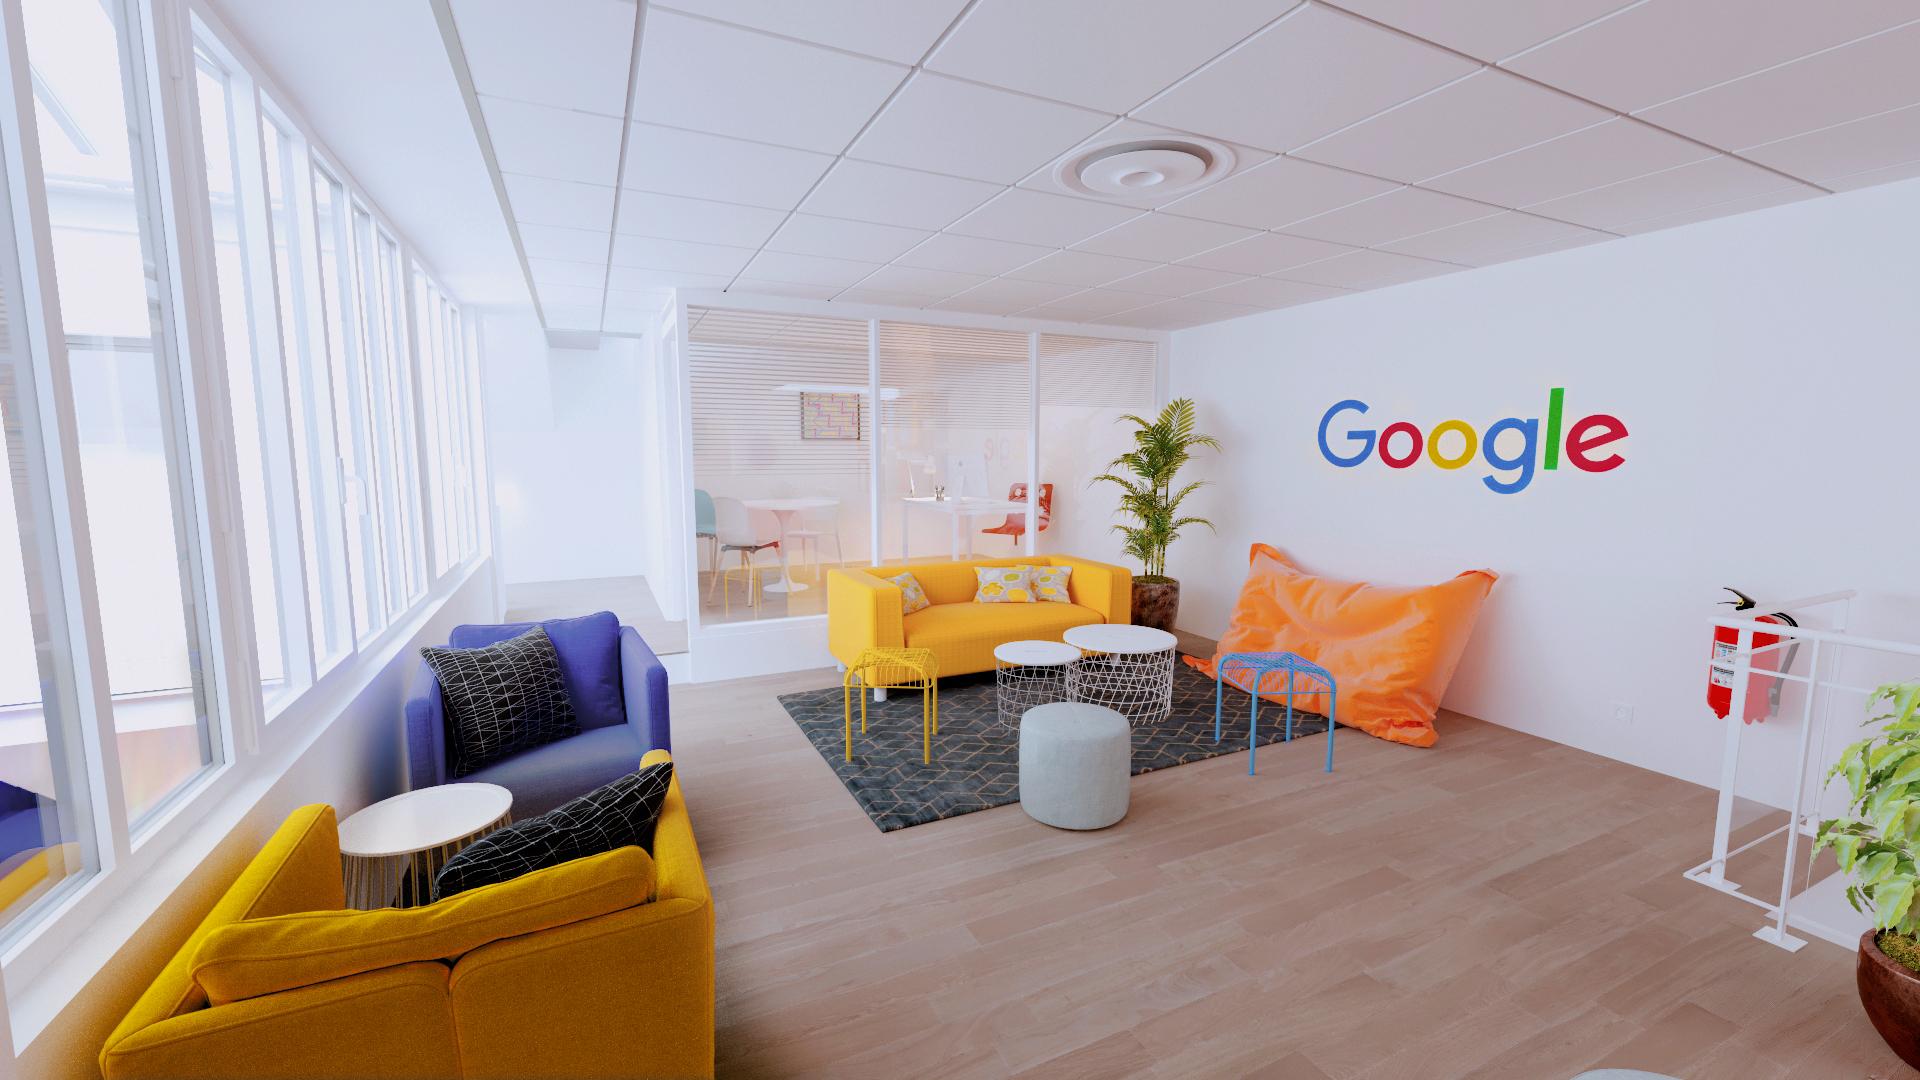 Bureaux google attention le bureau arrive l agefi